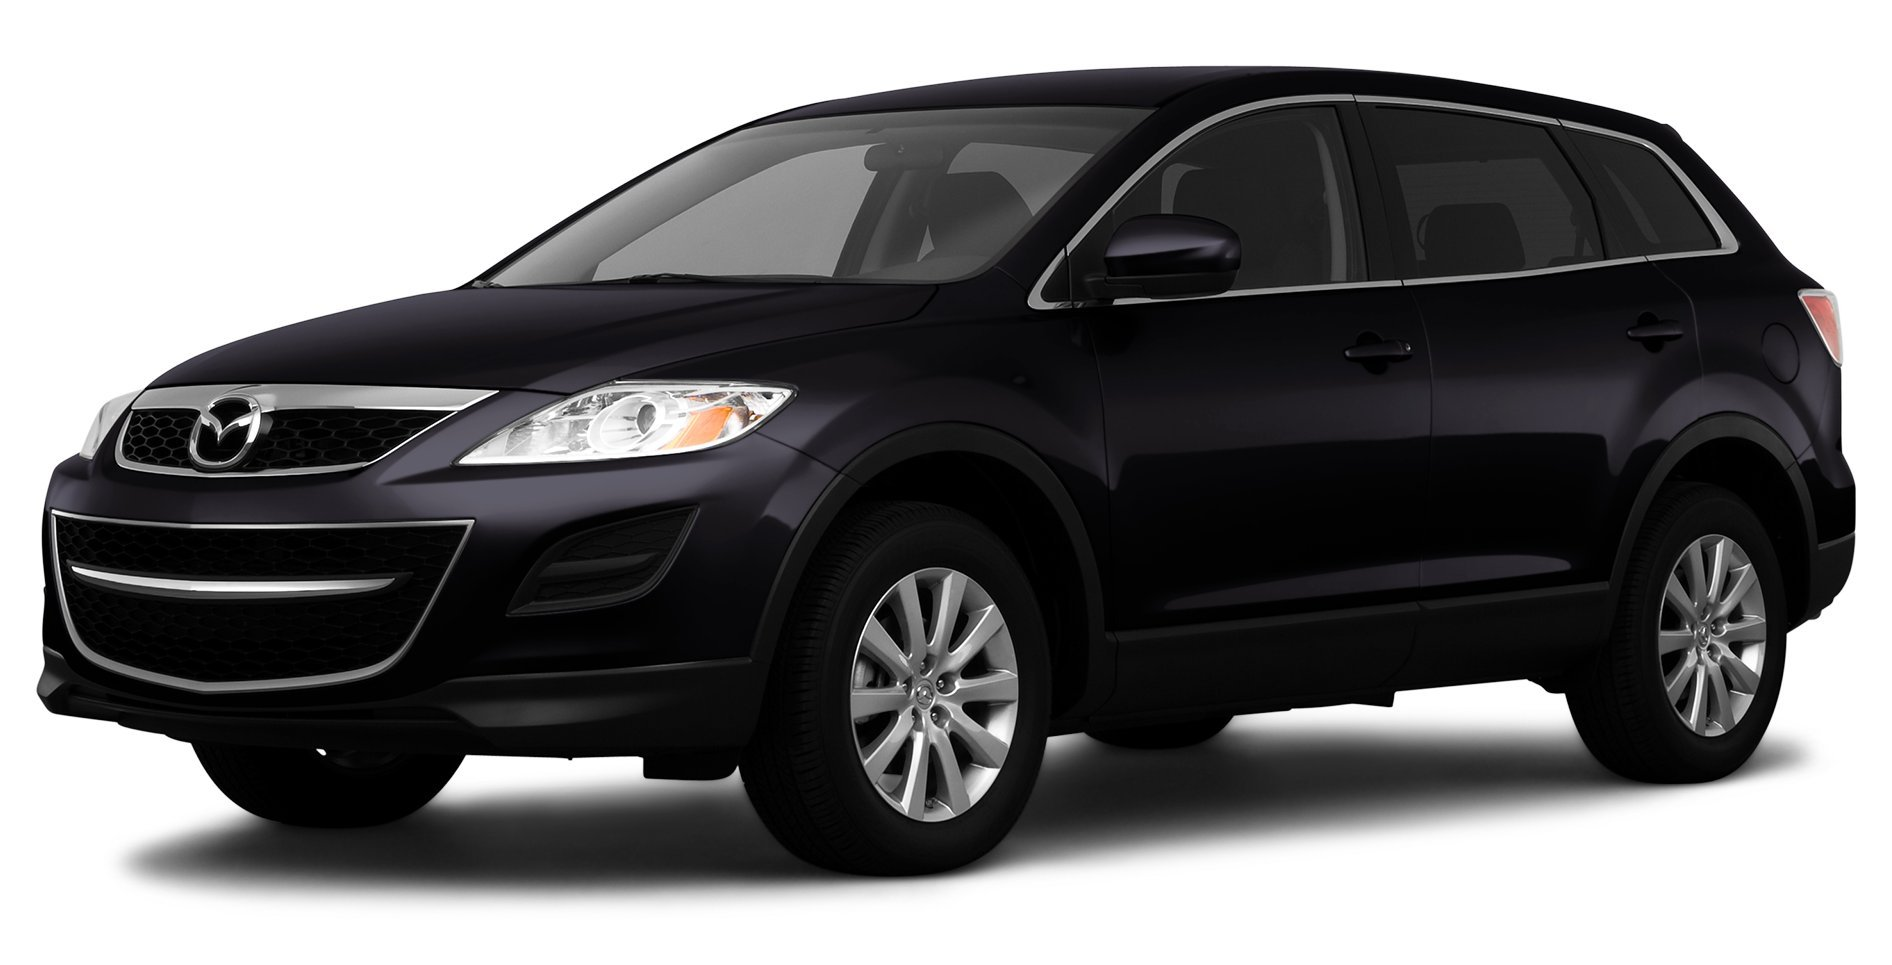 ... 2010 Mazda CX-9 Touring, All Wheel Drive 4-Door ...